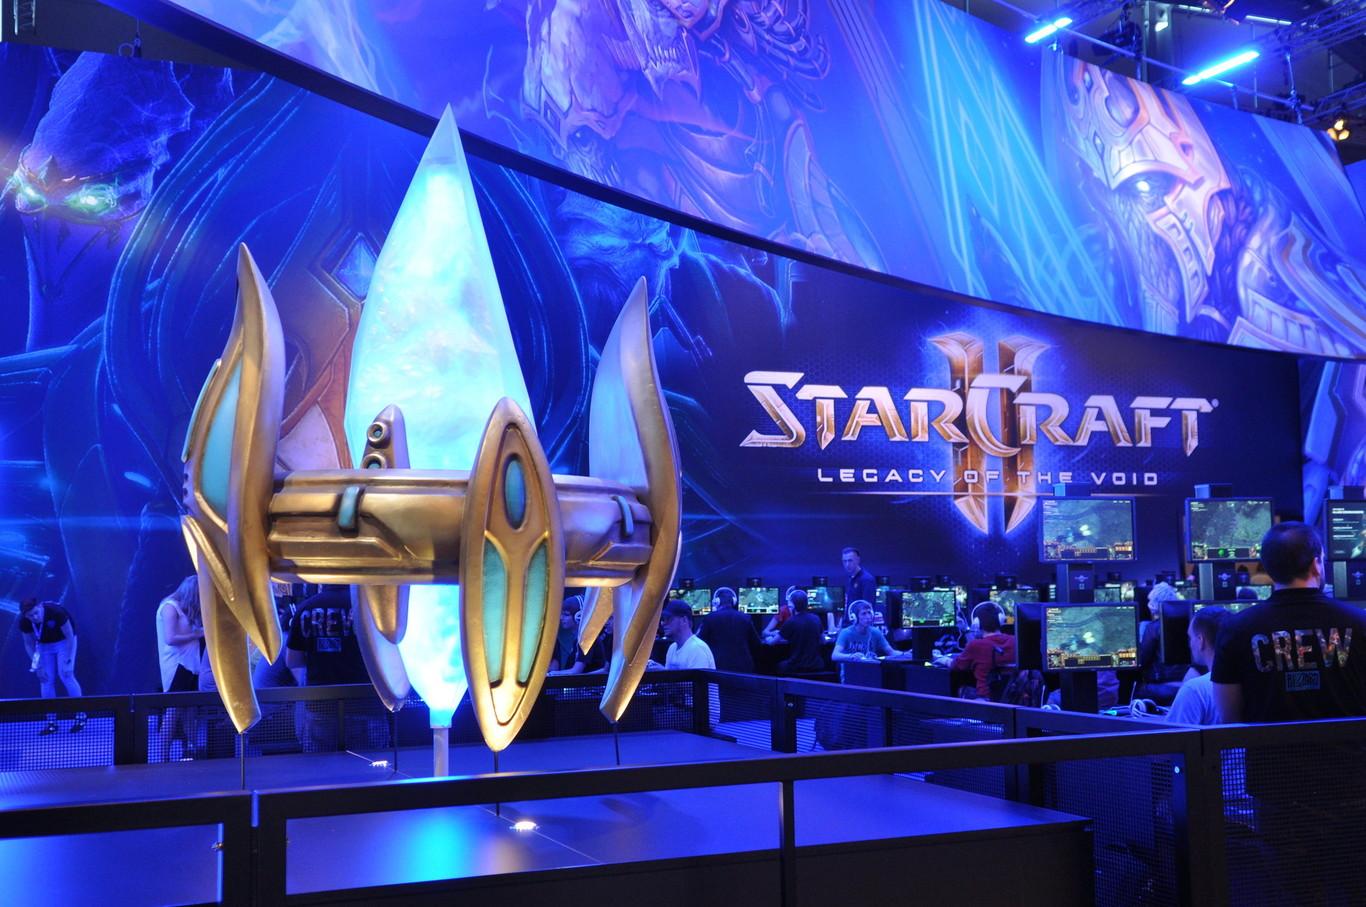 La inteligencia artificial AlphaStar se proclama 'gran maestro' de Starcraft II en igualdad de condiciones frente a los humanos